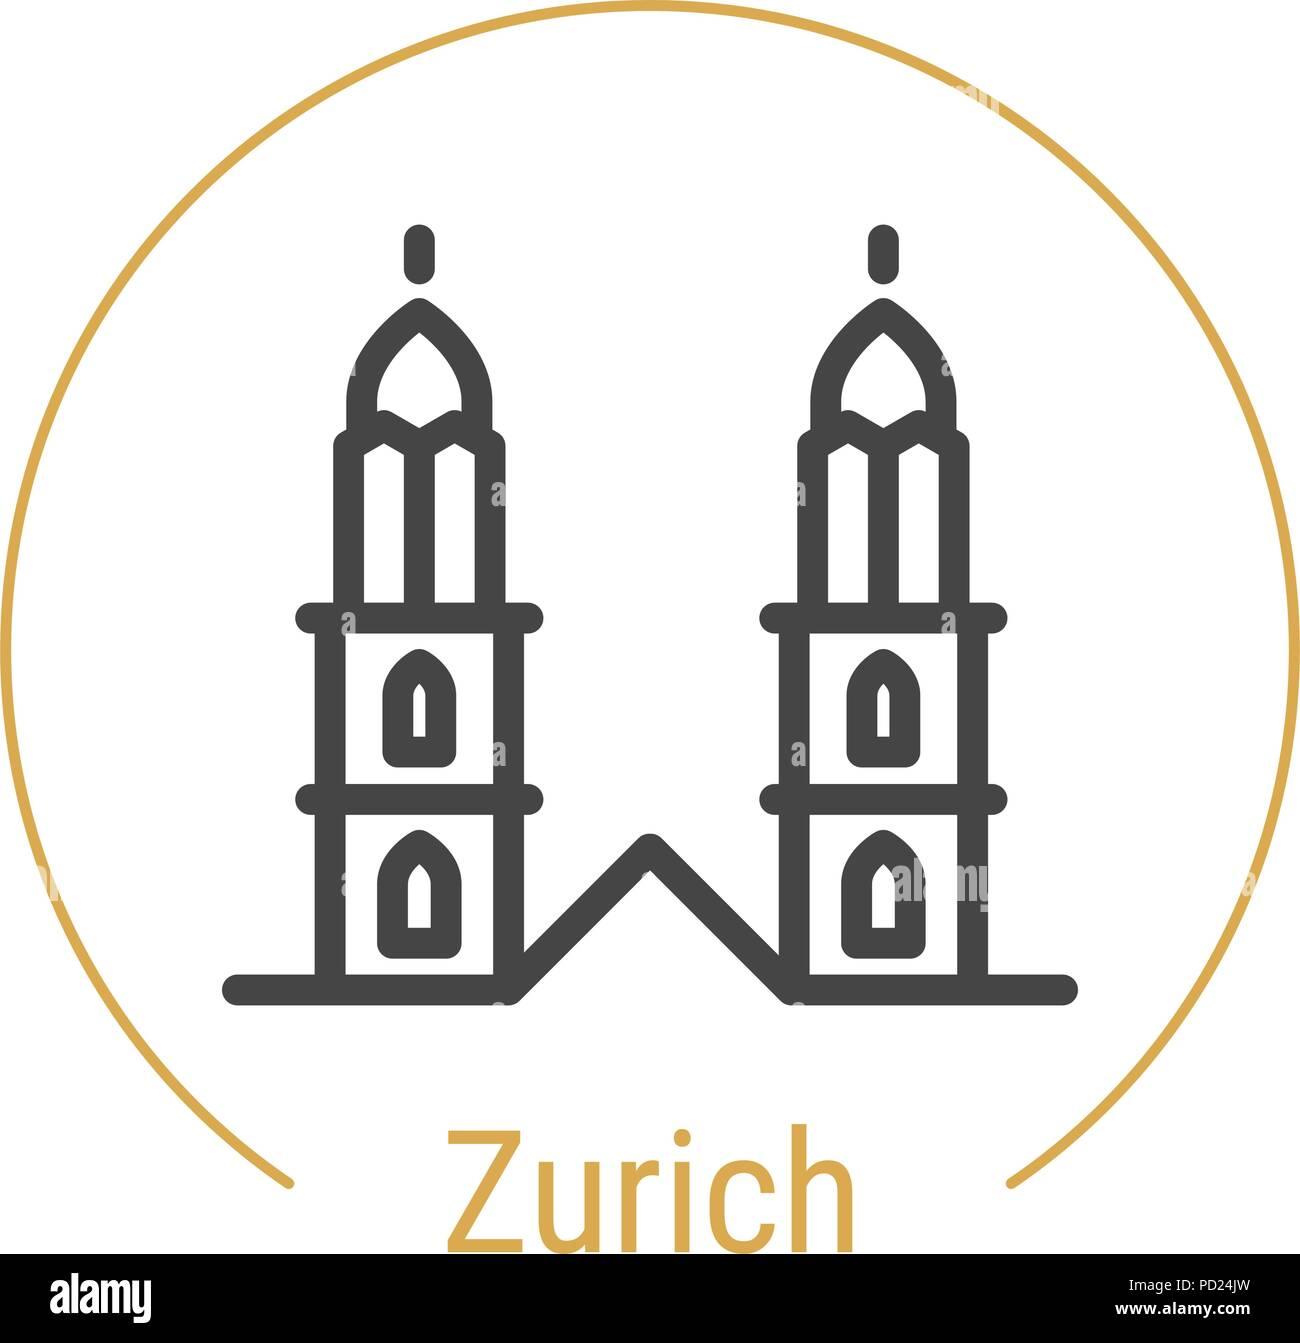 Zurich, Switzerland Vector Line Icon - Stock Vector